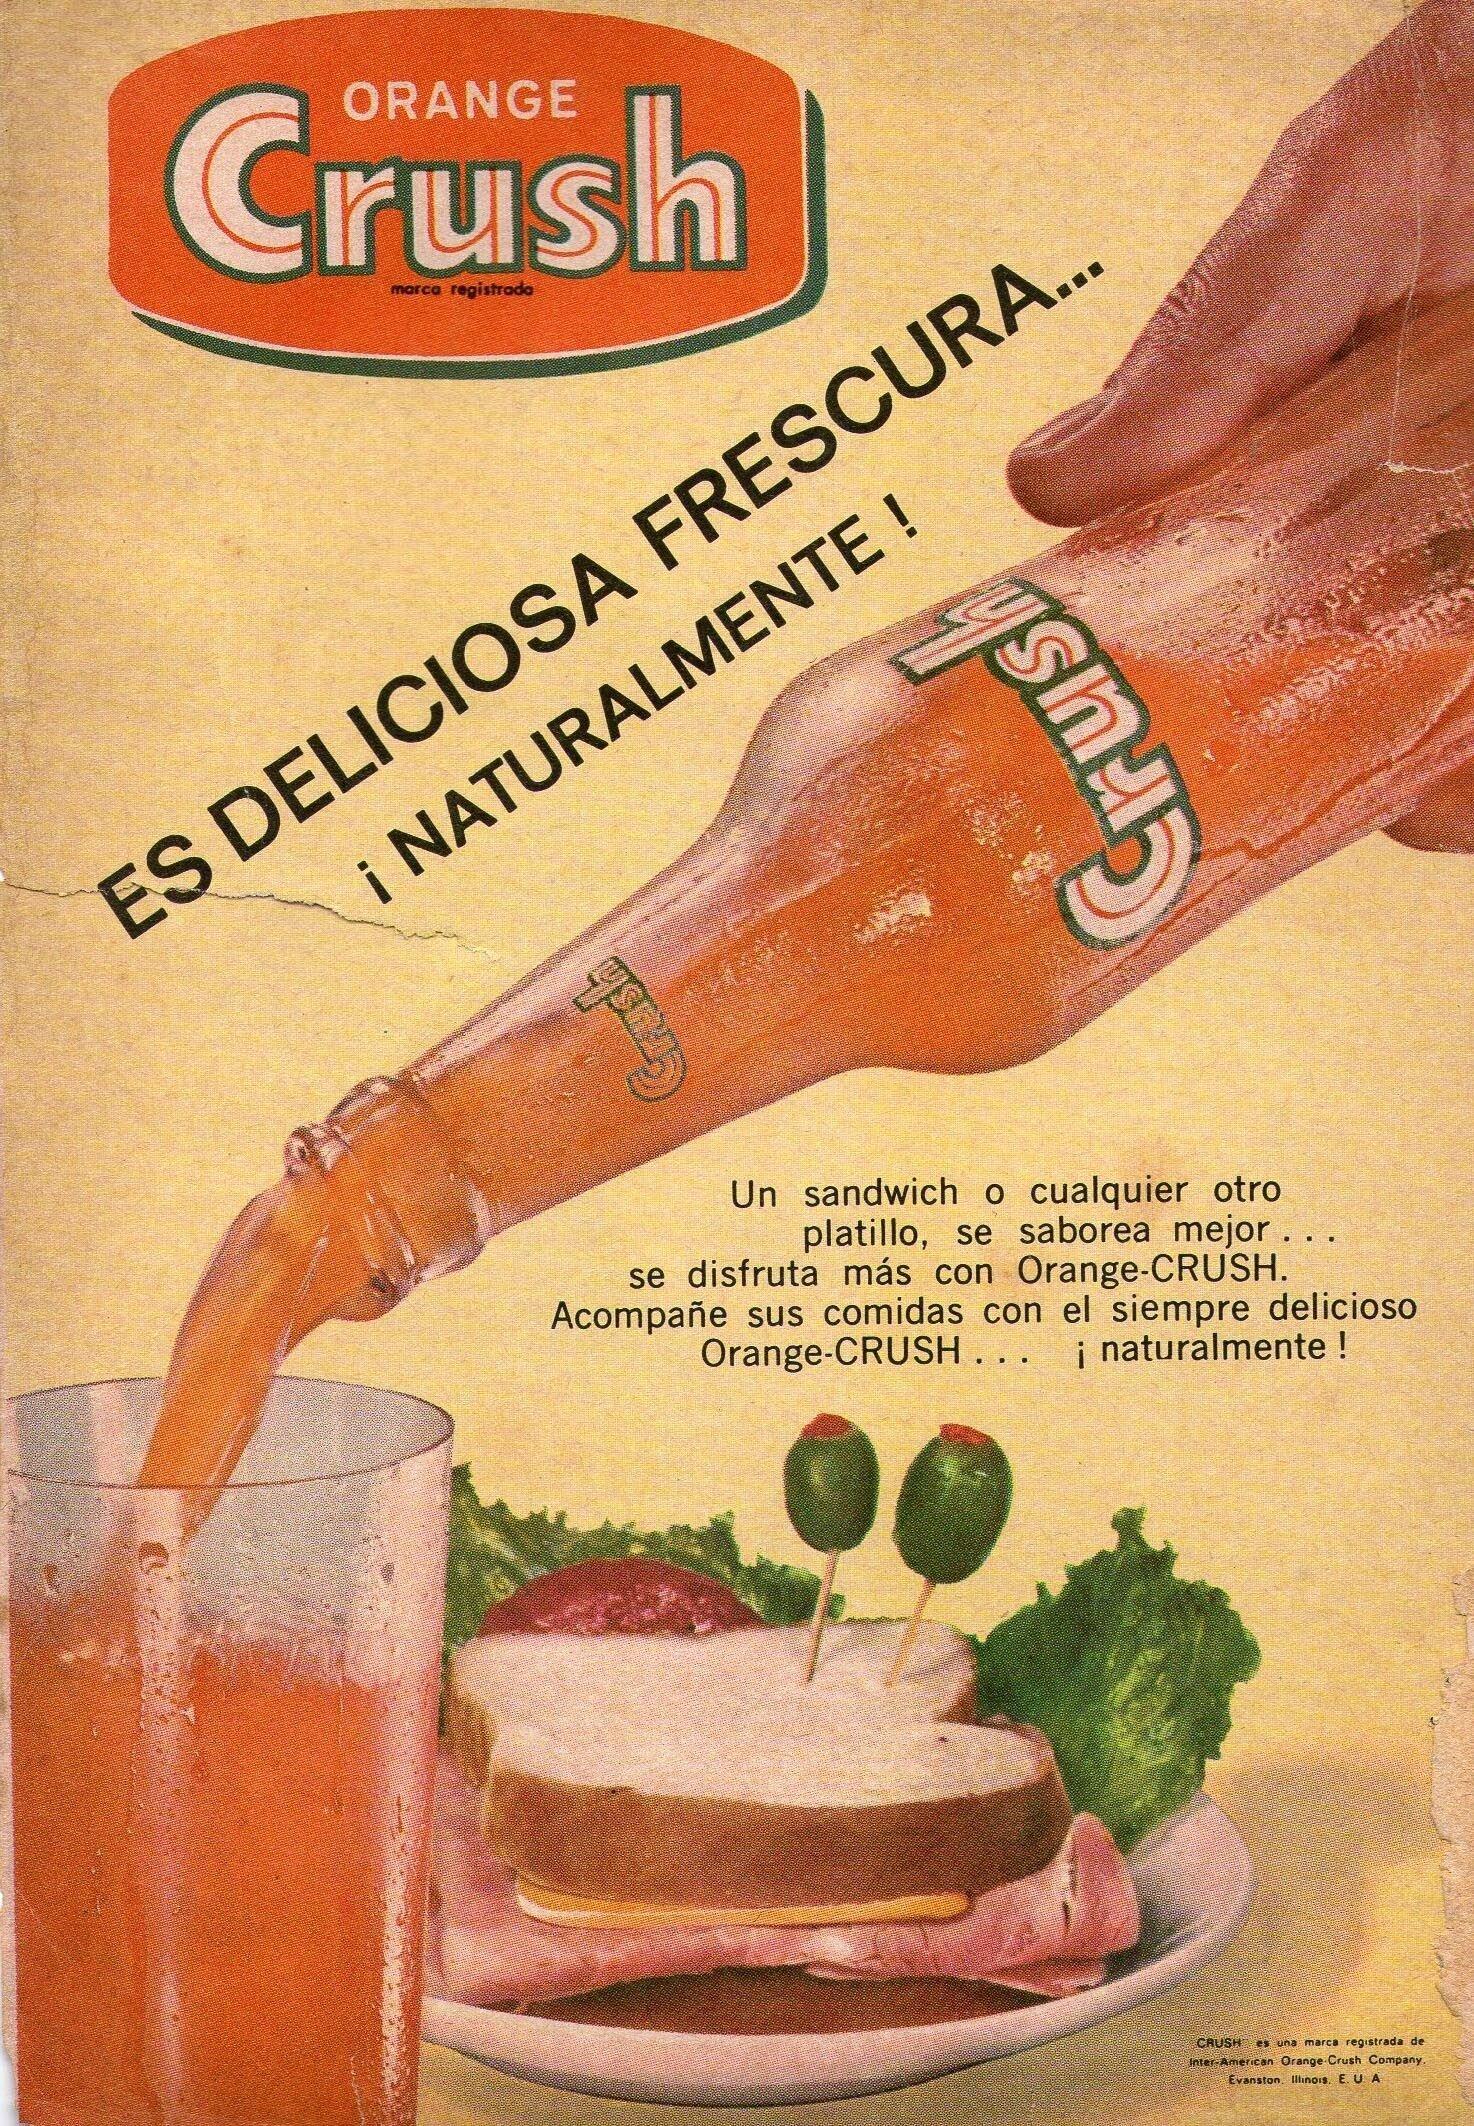 10052019_nueva+cocina+mexicana+04+orange+crush.jpg